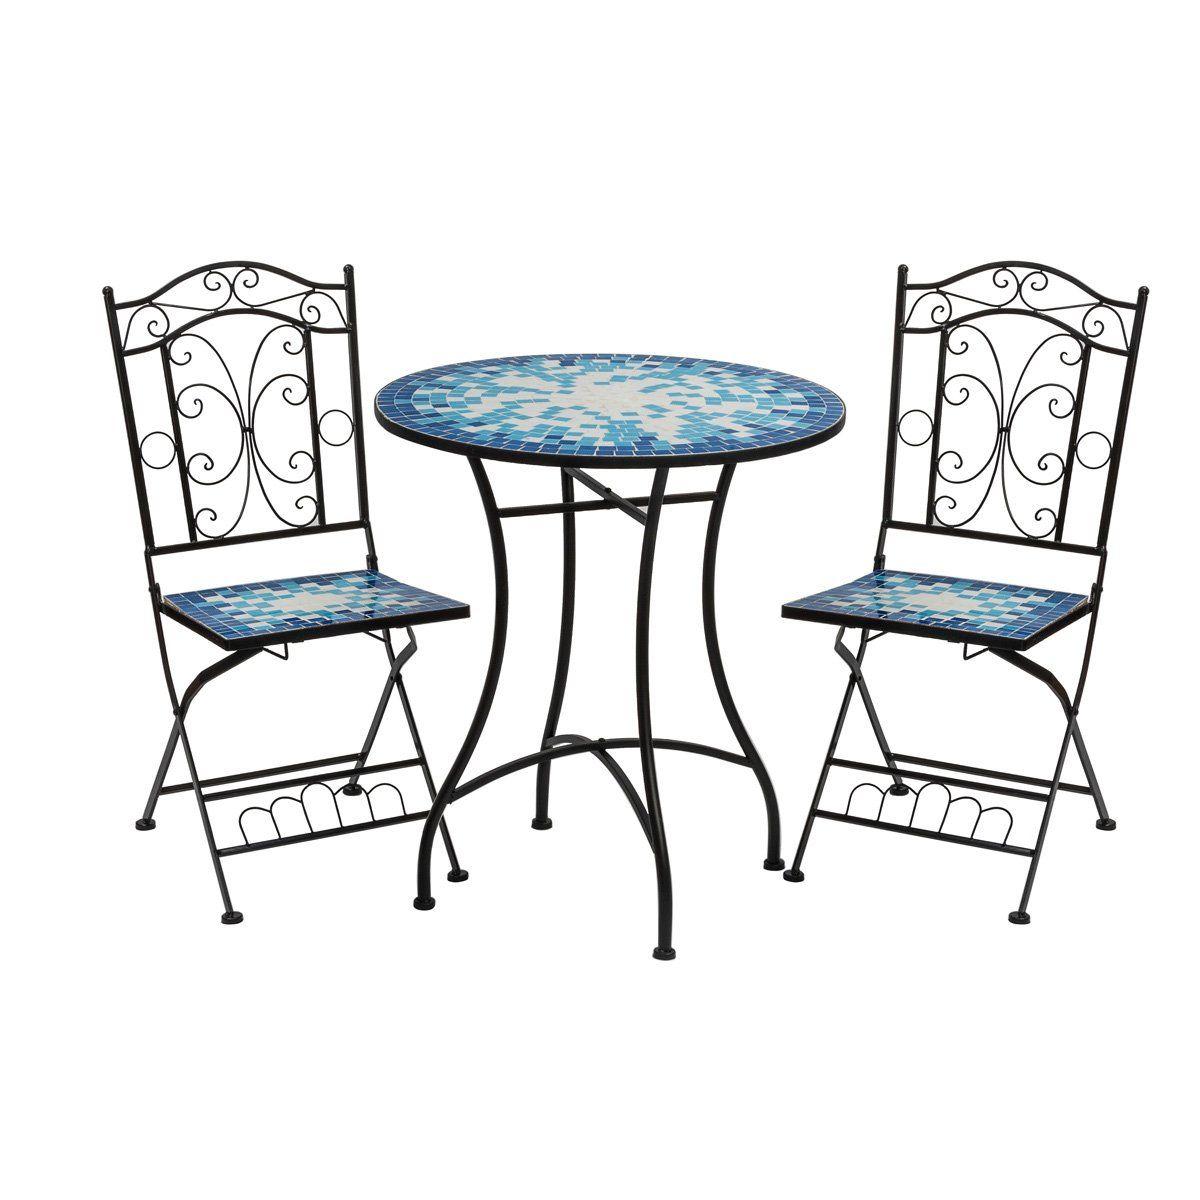 Juego De Jardin Sears Com Mx Me Entiende Mesas Venesitas  # Table De Jardin Sears